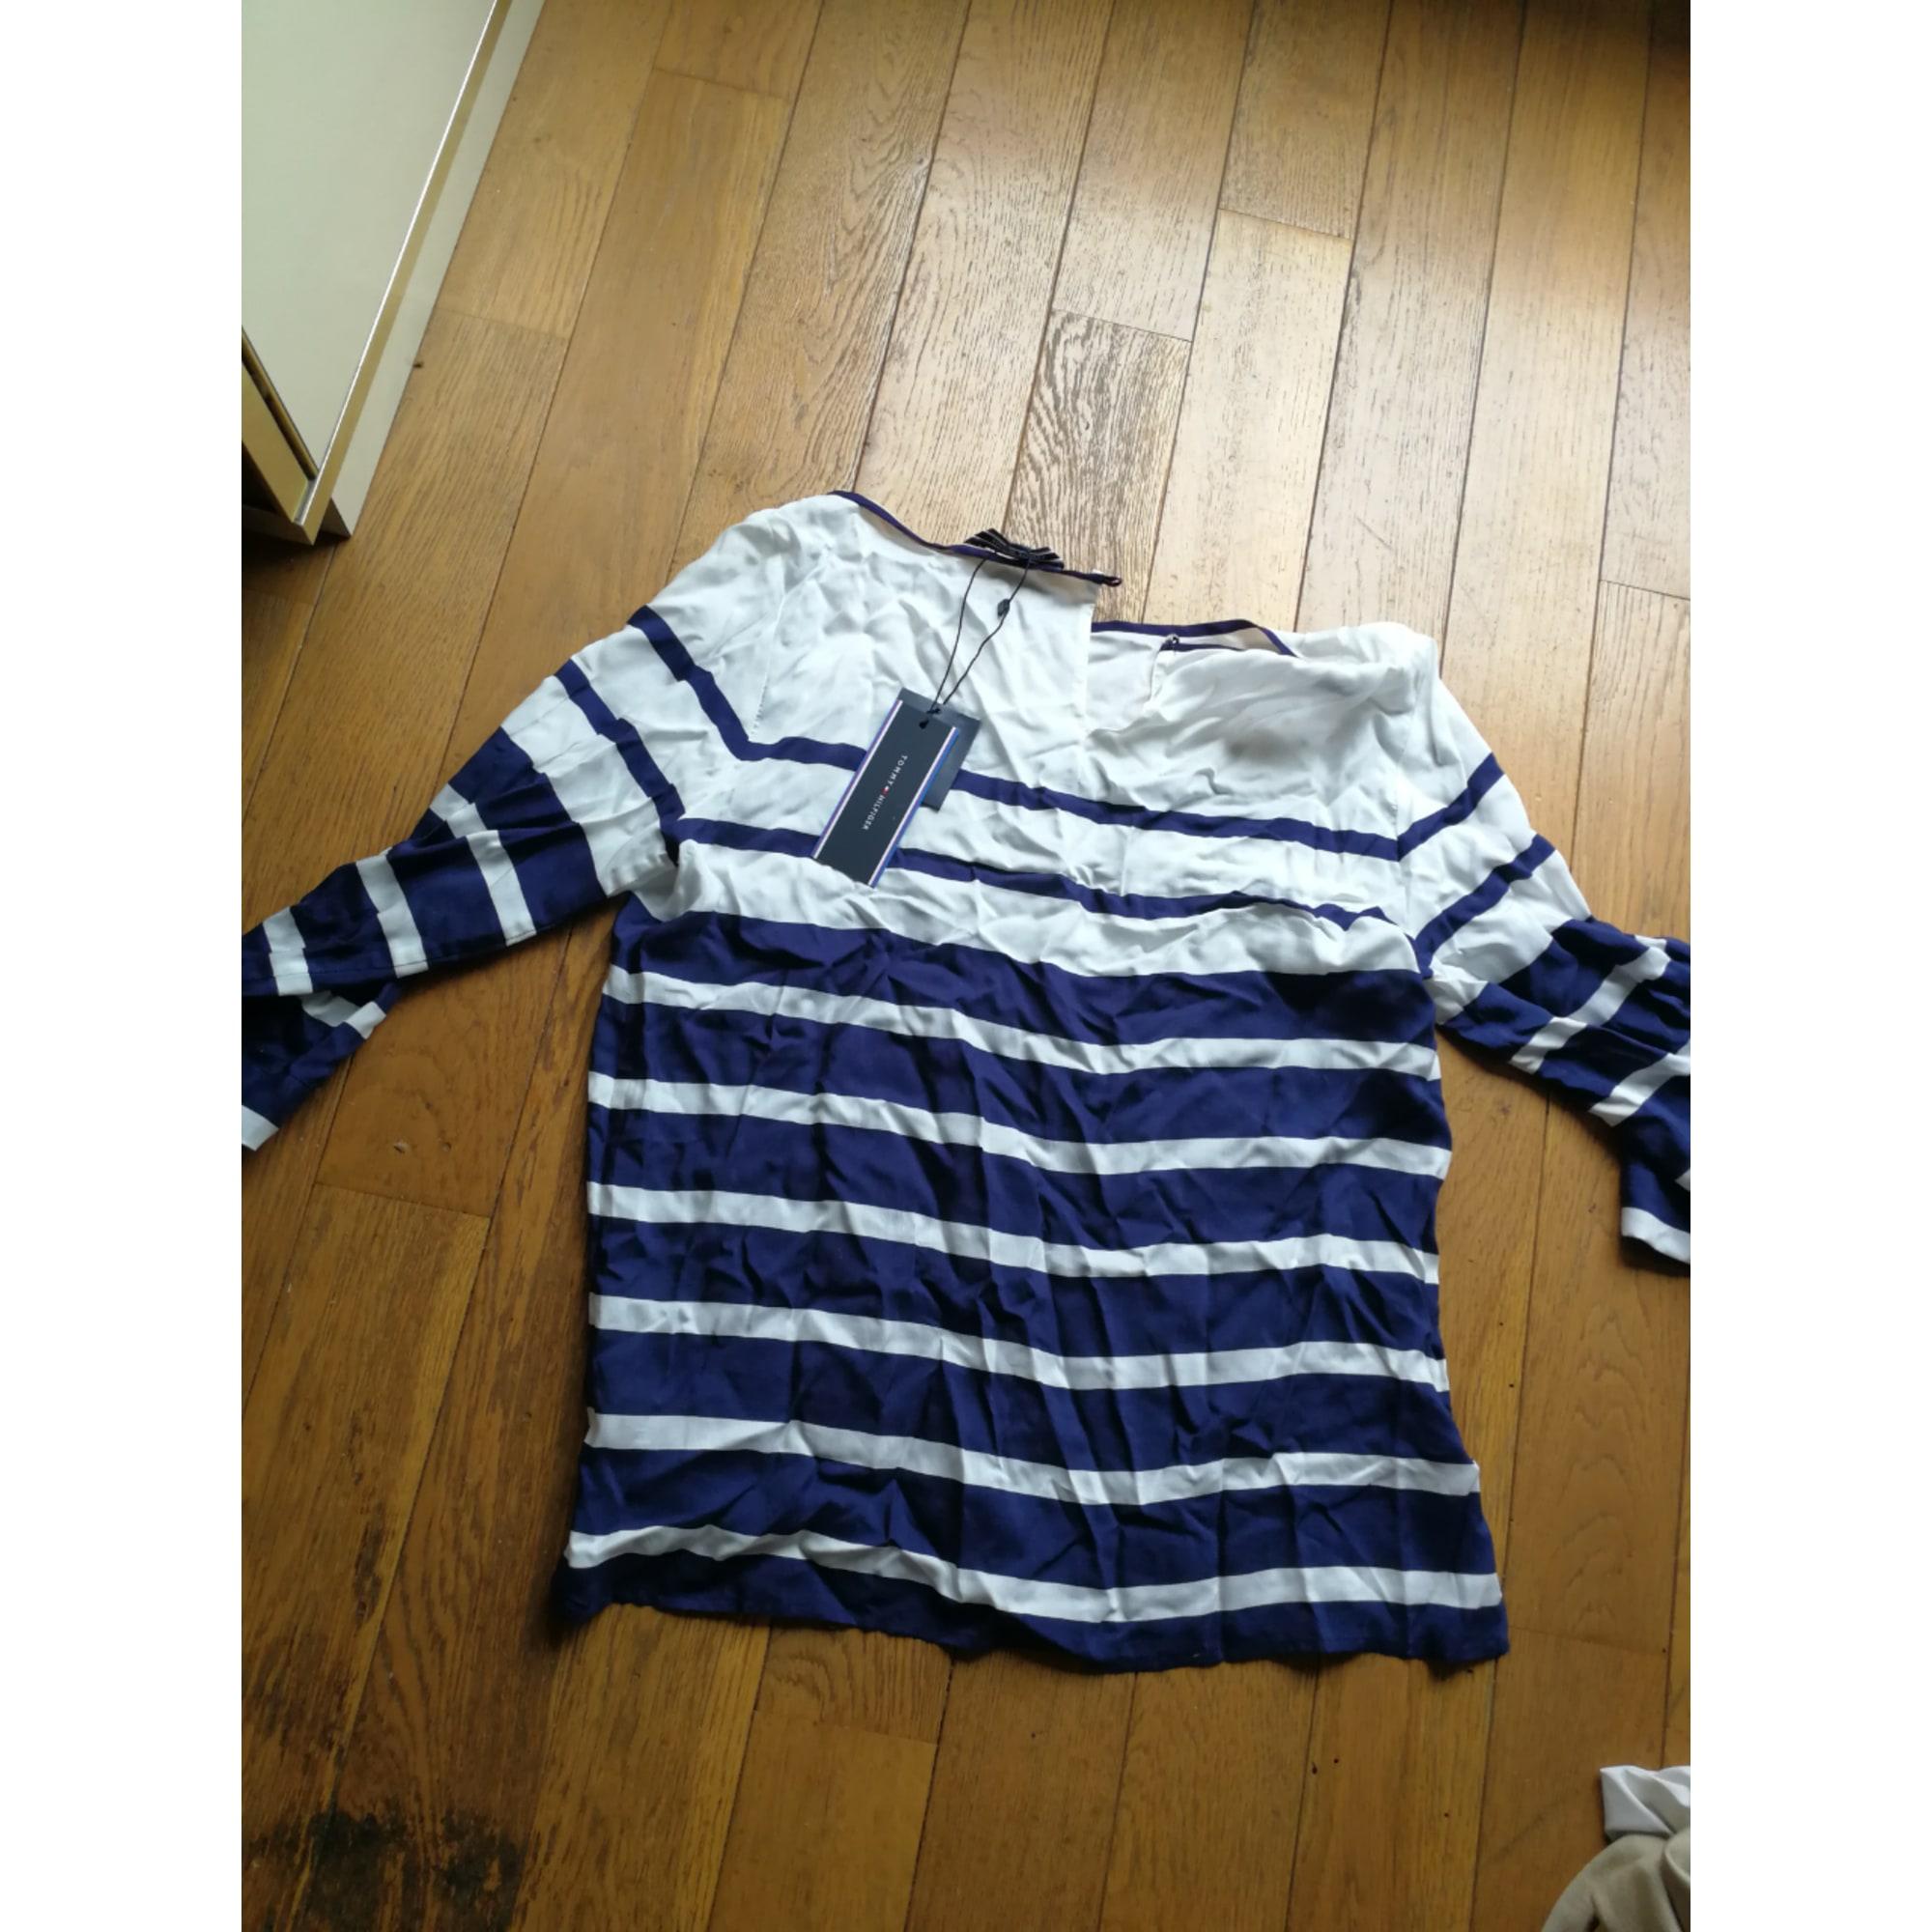 Top, tee-shirt TOMMY HILFIGER blanc et bleu marine